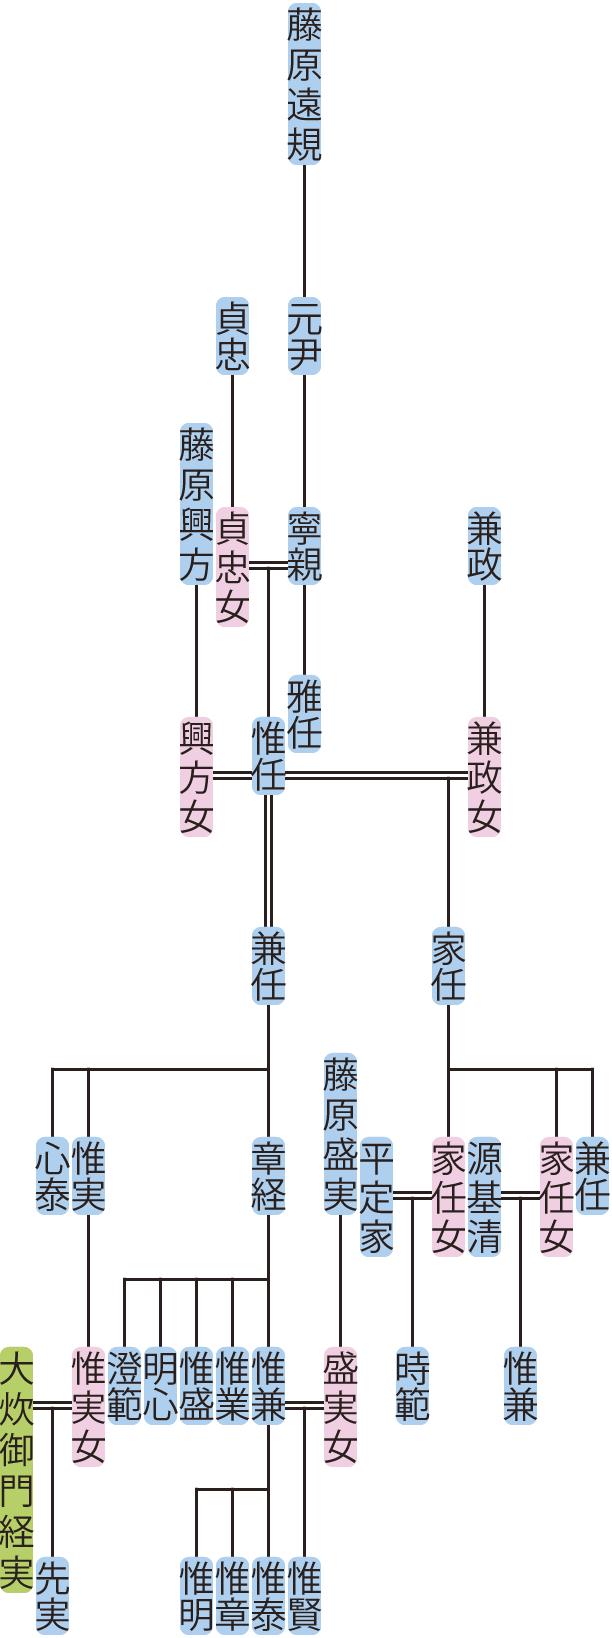 藤原寧親の系図